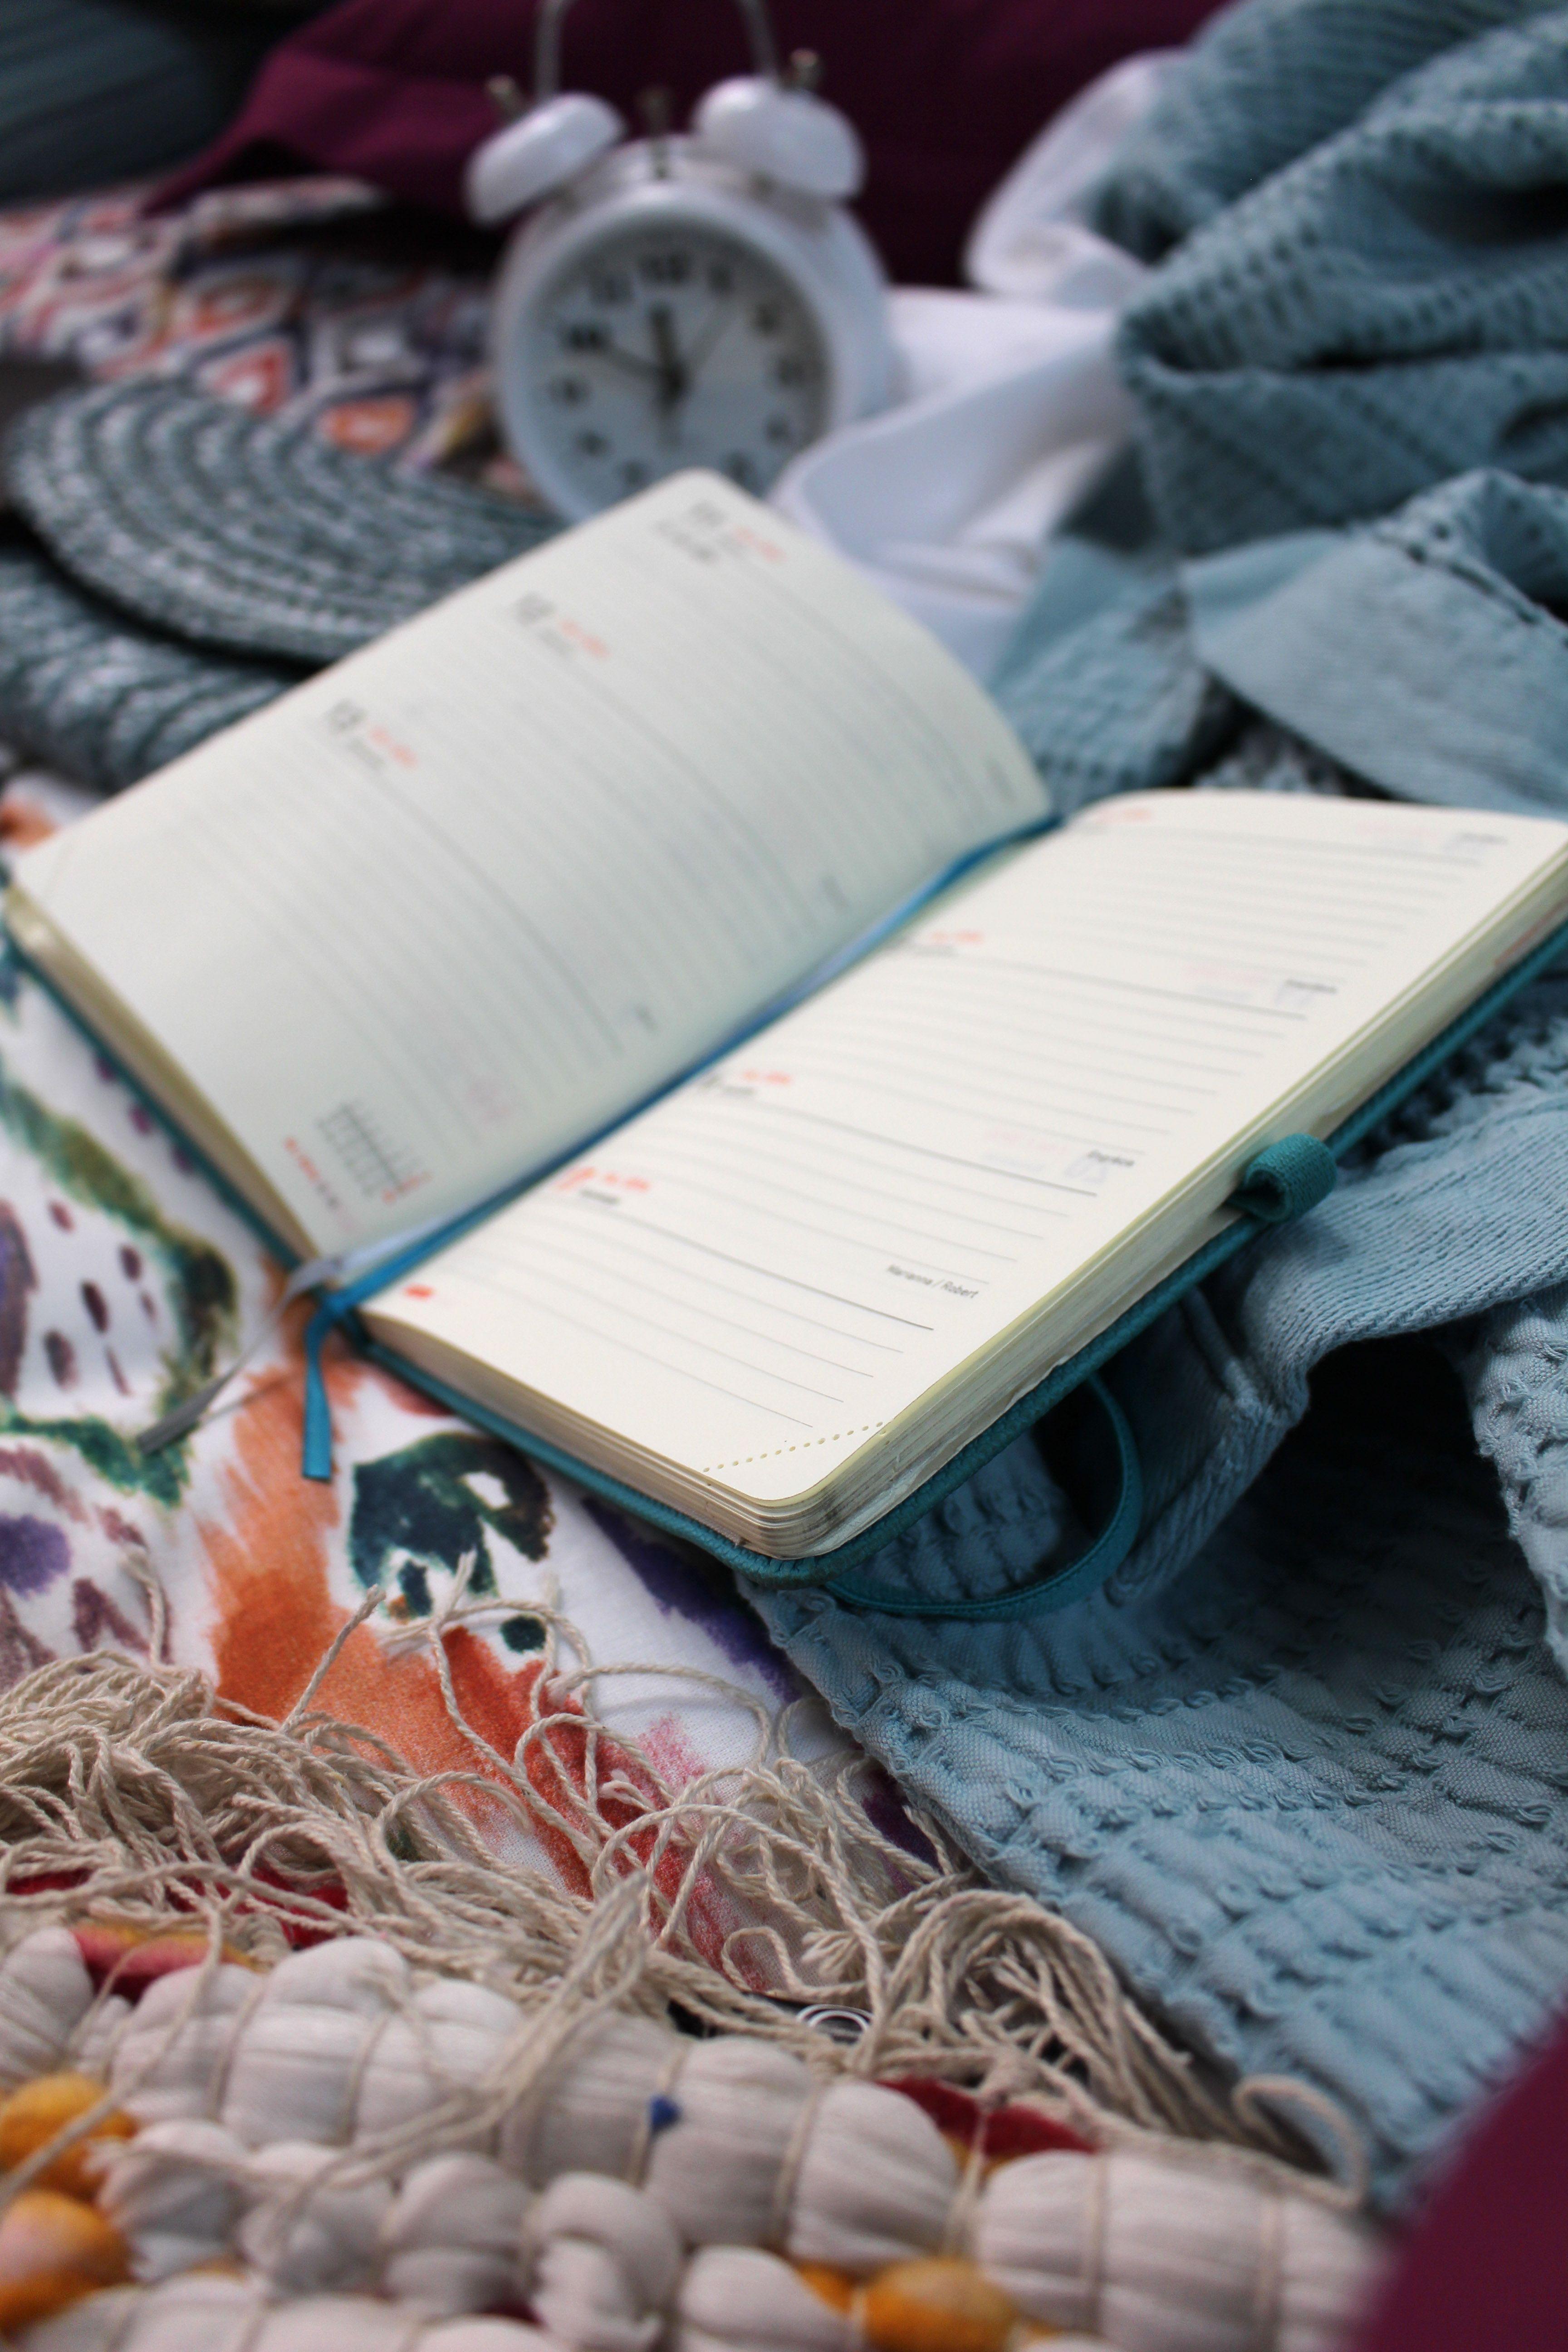 Cama desecha. Agenda abierta. Funda nórdica de colores estilo retro vintage. Unmade bed. Opened agenda. Duvet colorful retro vintage style.